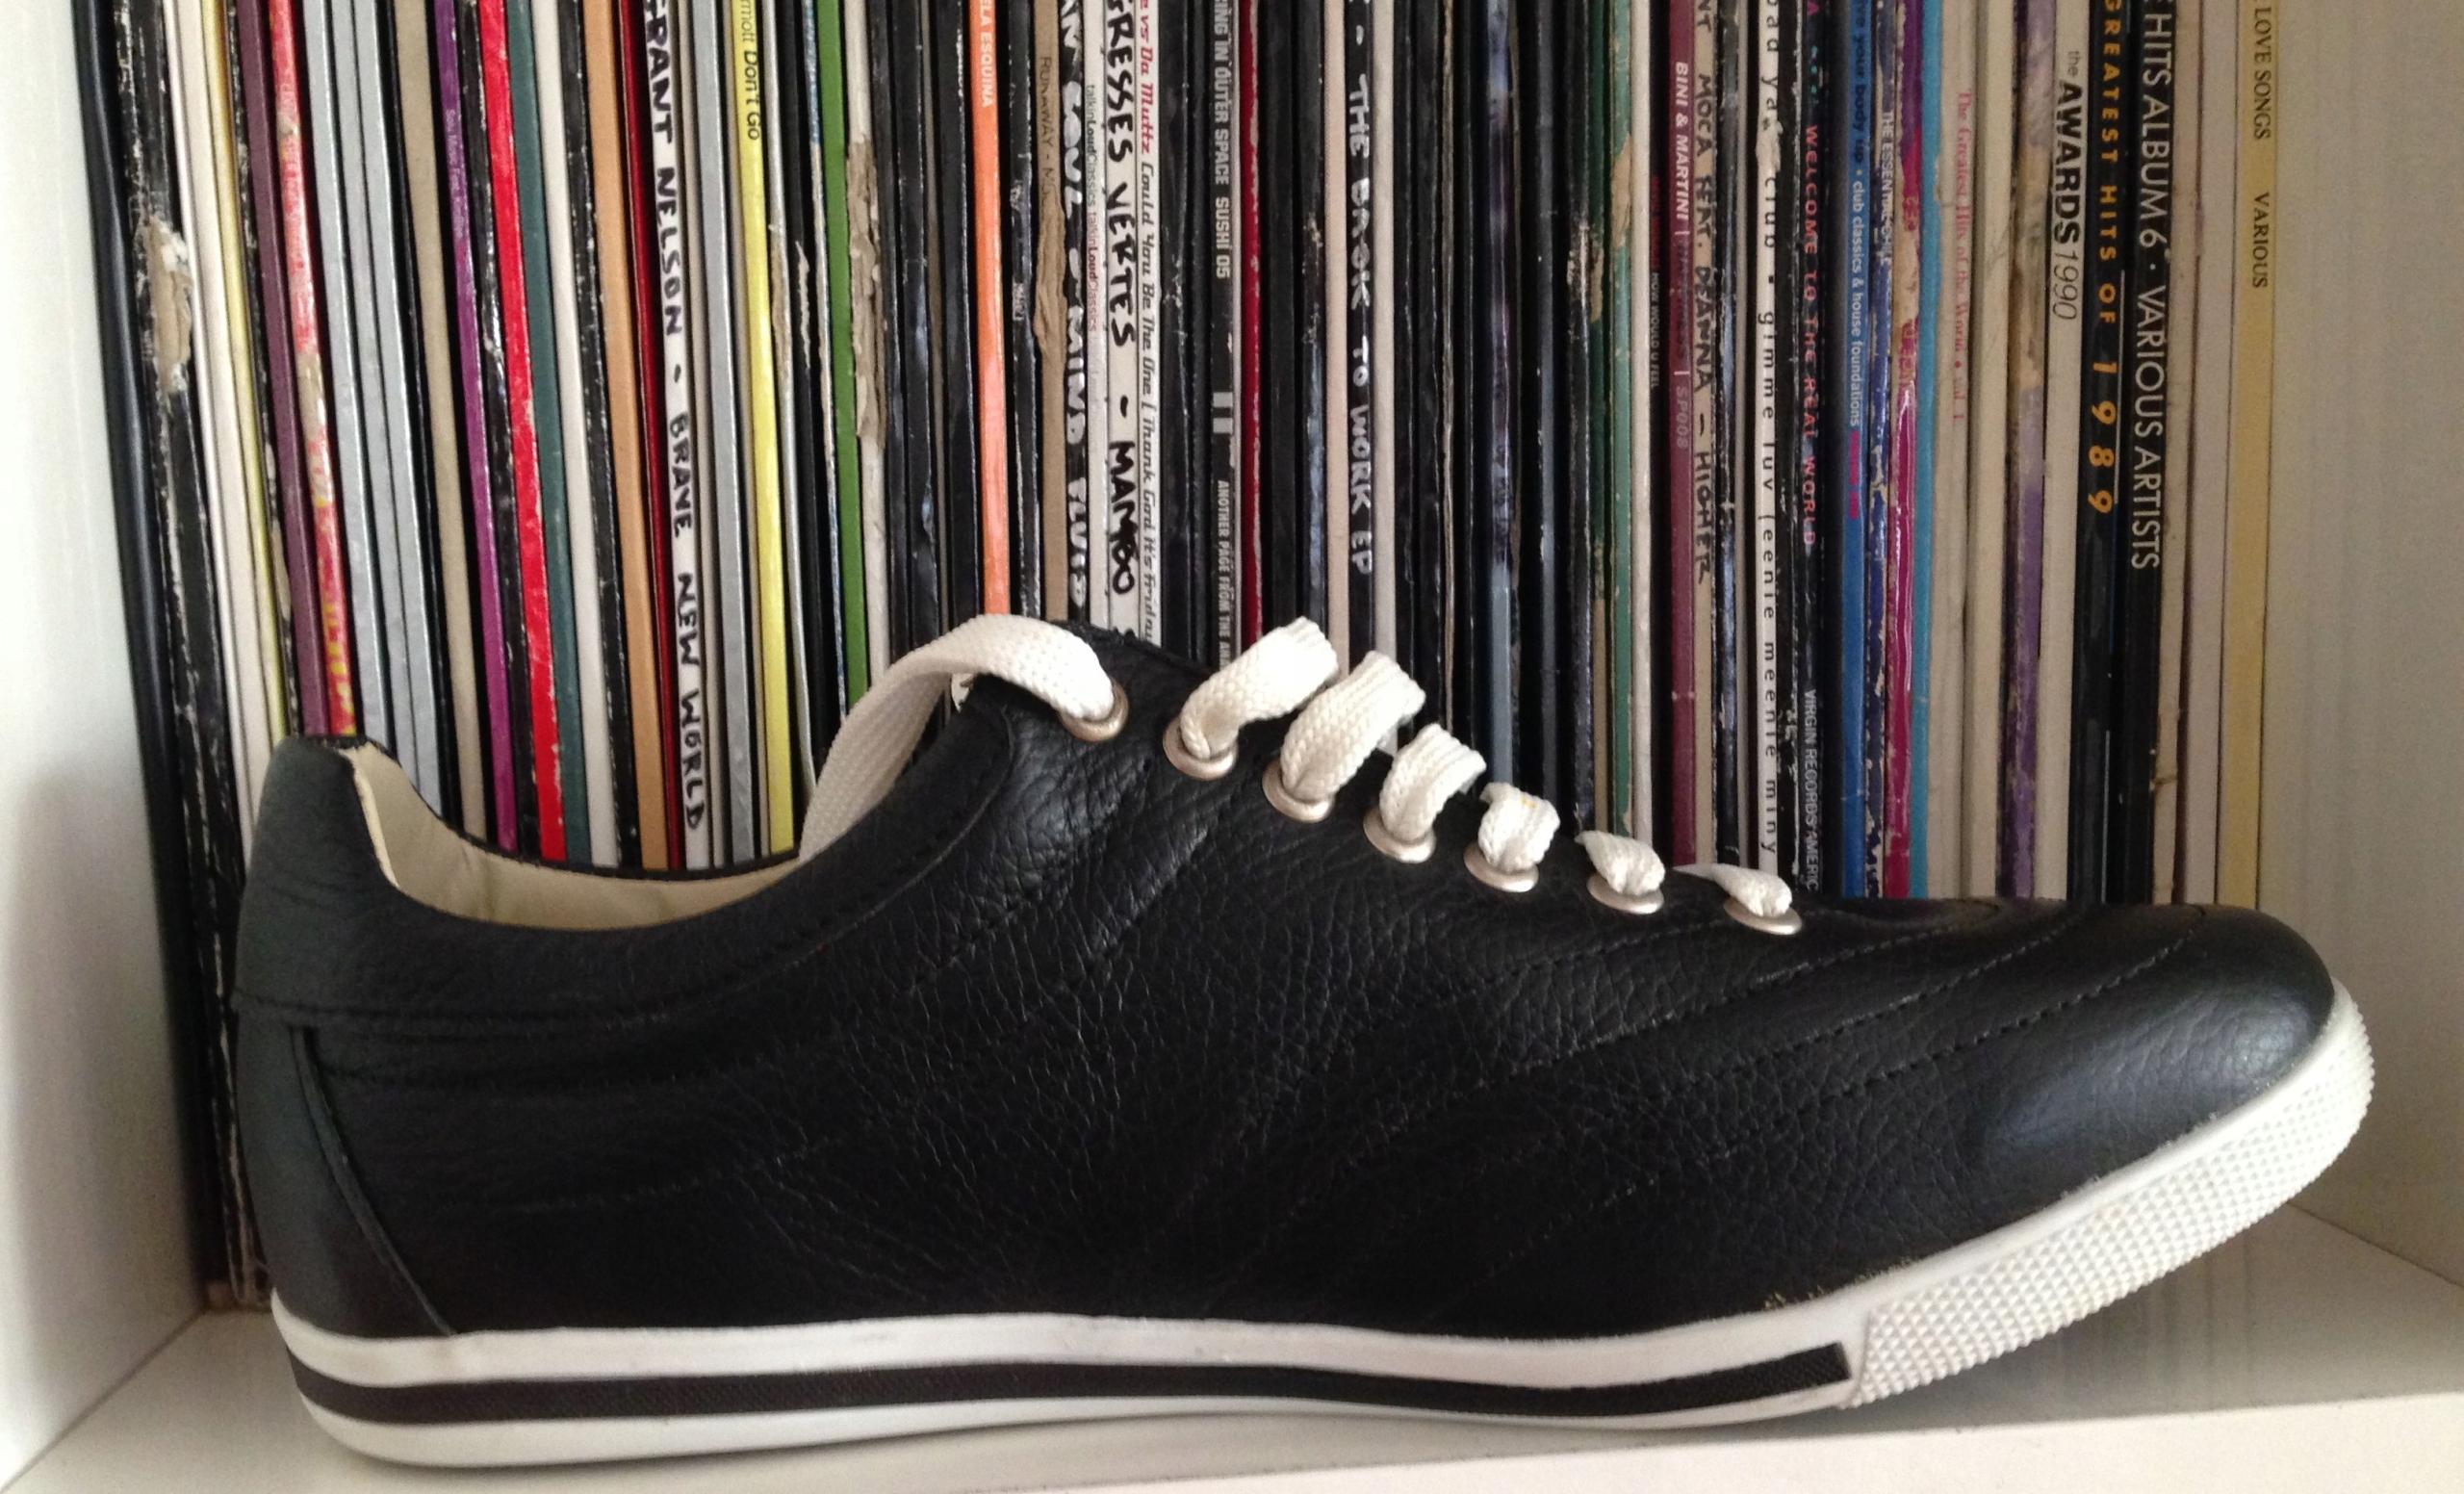 1dbe612ec2364 PRADA   buty skórzane   wkładka 27 cm - 7490801103 - oficjalne ...